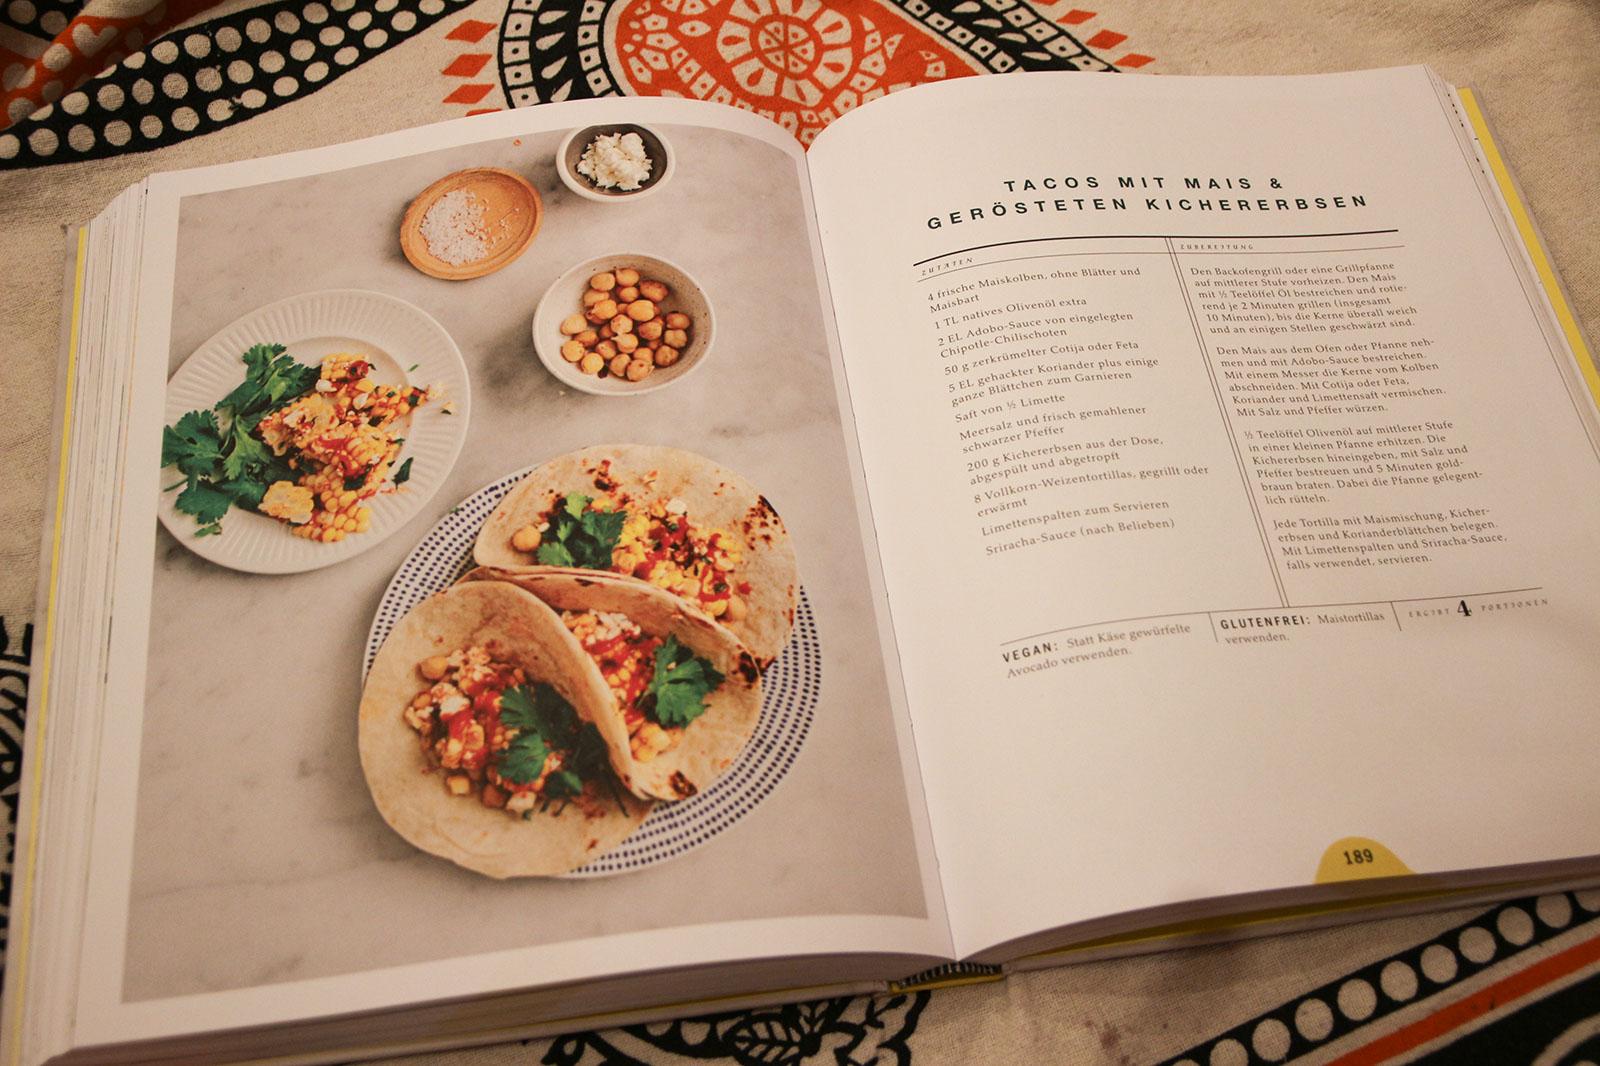 Eine typische Seite des Kochbuchs